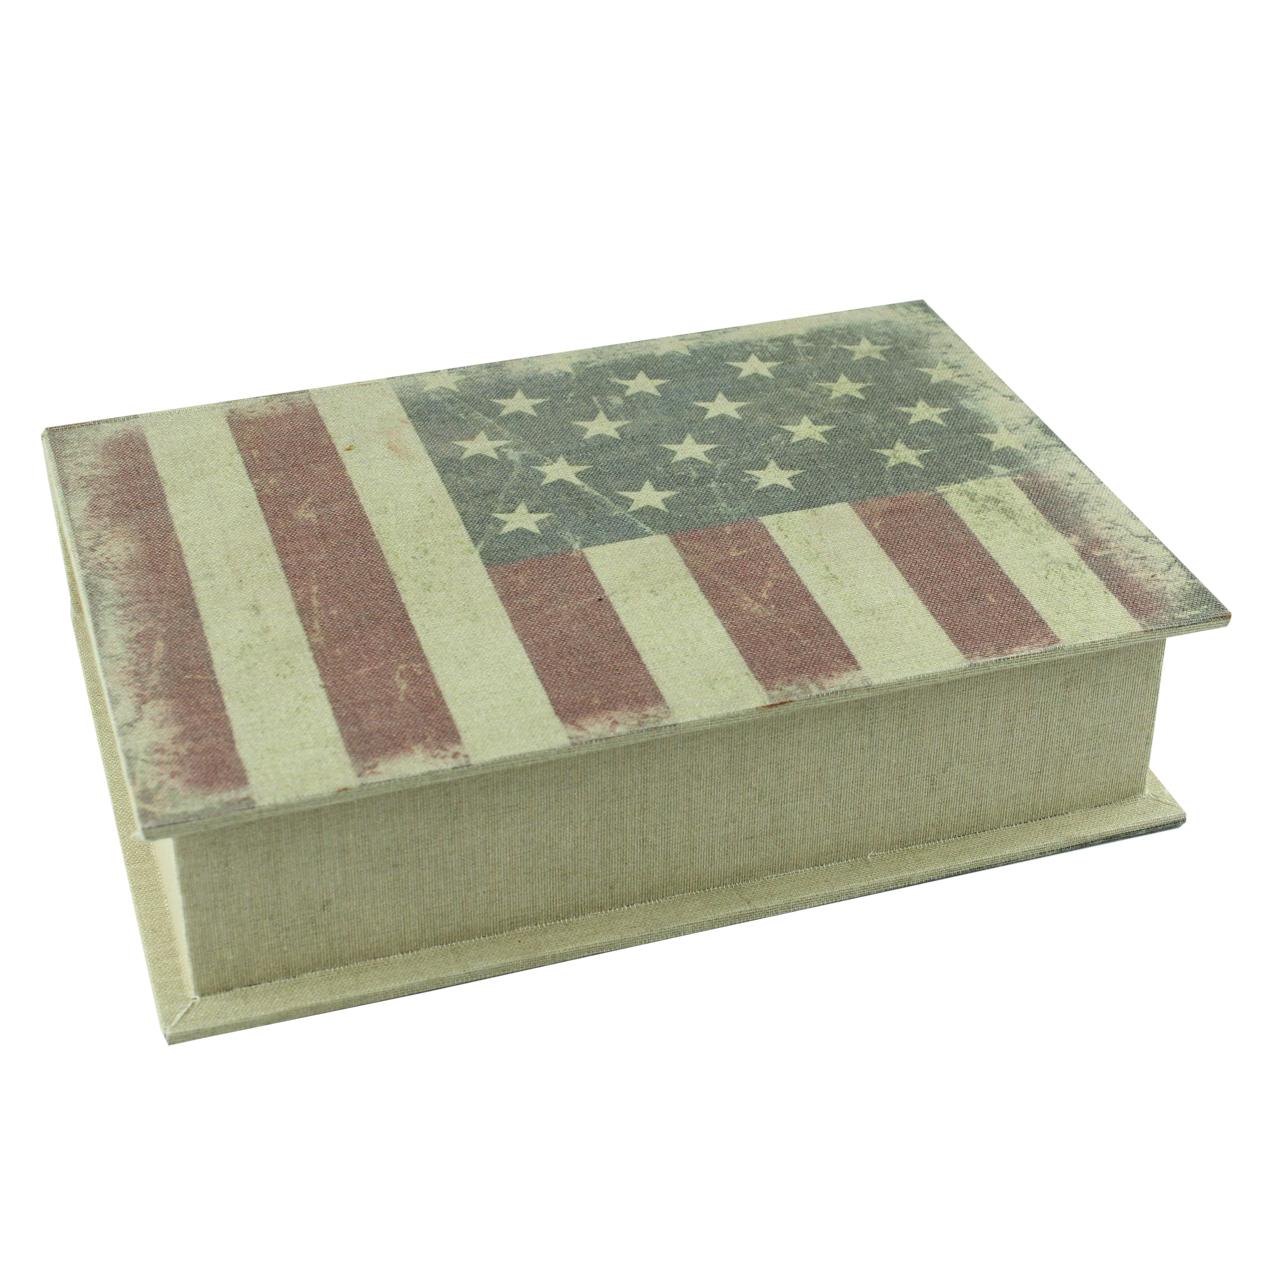 Cutie Decorativa Carte Cu Steag Usa Din Lemn 30 Cm